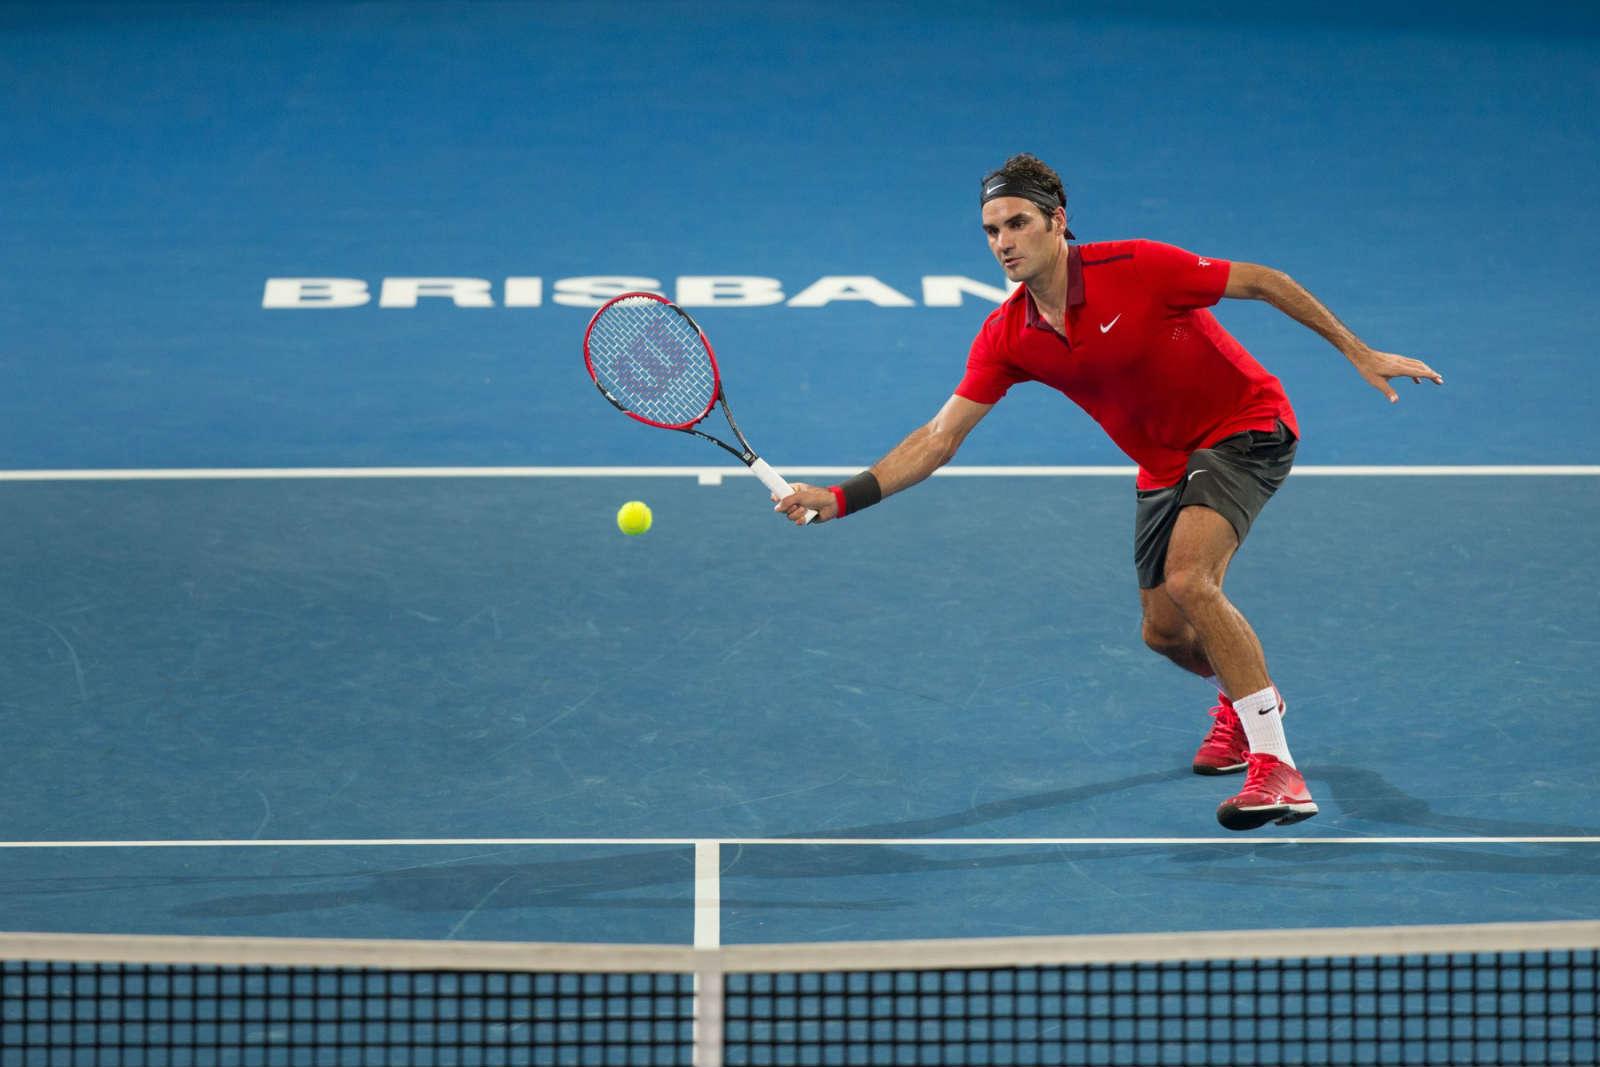 Federer nel 2015, a Brisbane, dove ha toccato quota 1000 partite nell'ATP